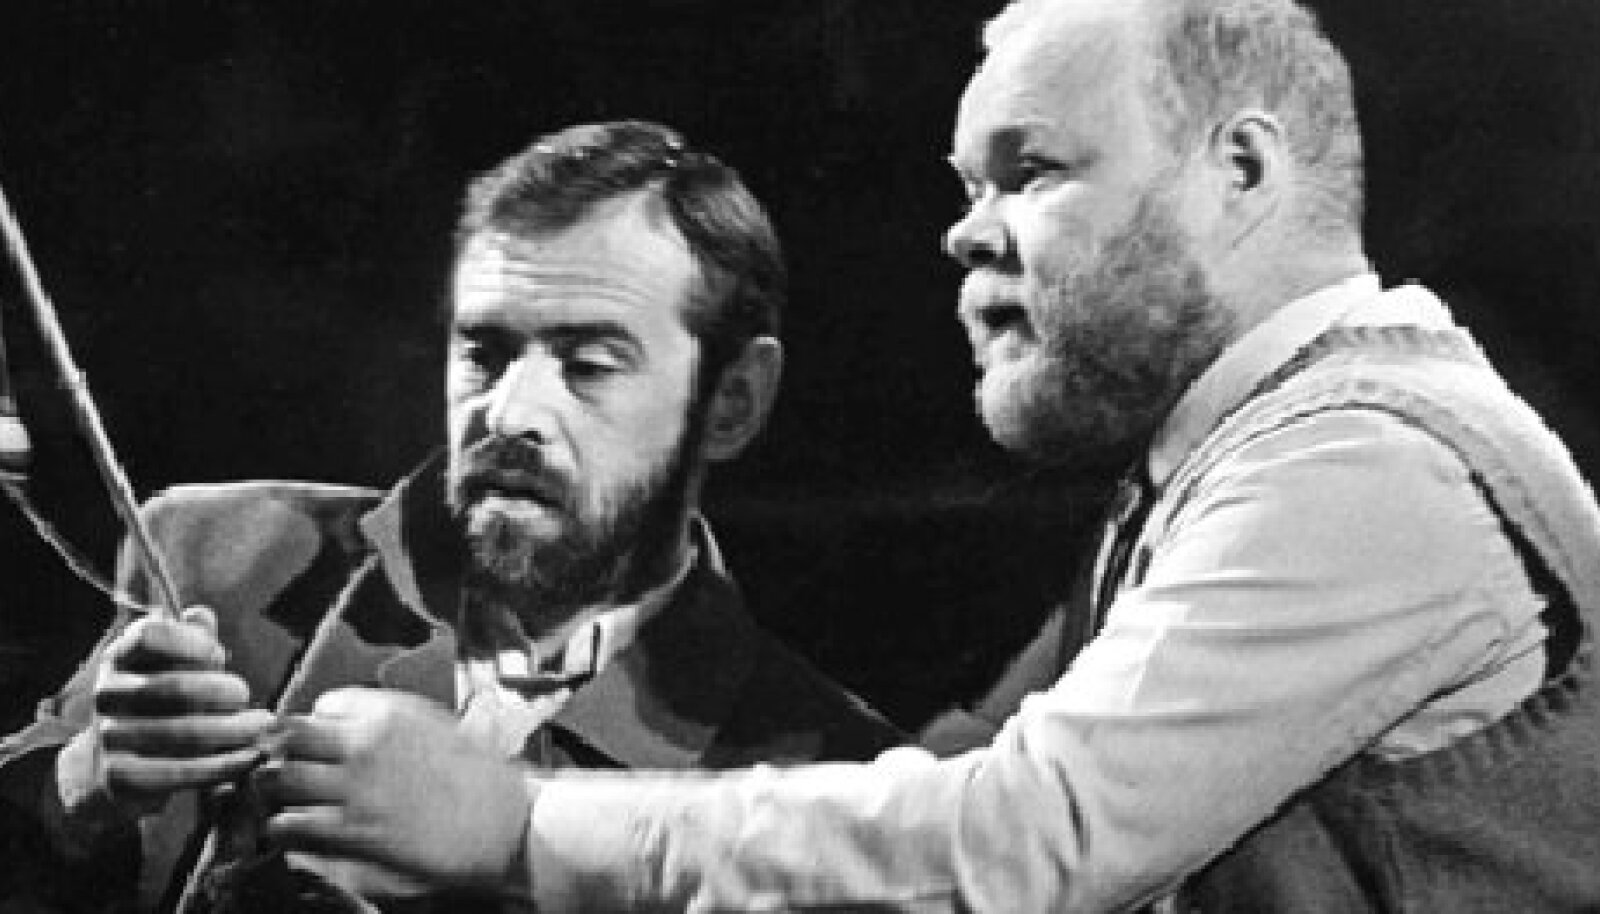 """Lapsepõlvemälestuste, isa kadumise ja 1940. aastate murranguliste sündmustega tegeleb Kõiv ka näidendis """"Tagasitulek isa juurde"""" (esietendus 1993 Eesti Draamateatris, lavastaja Priit Pedajas)."""